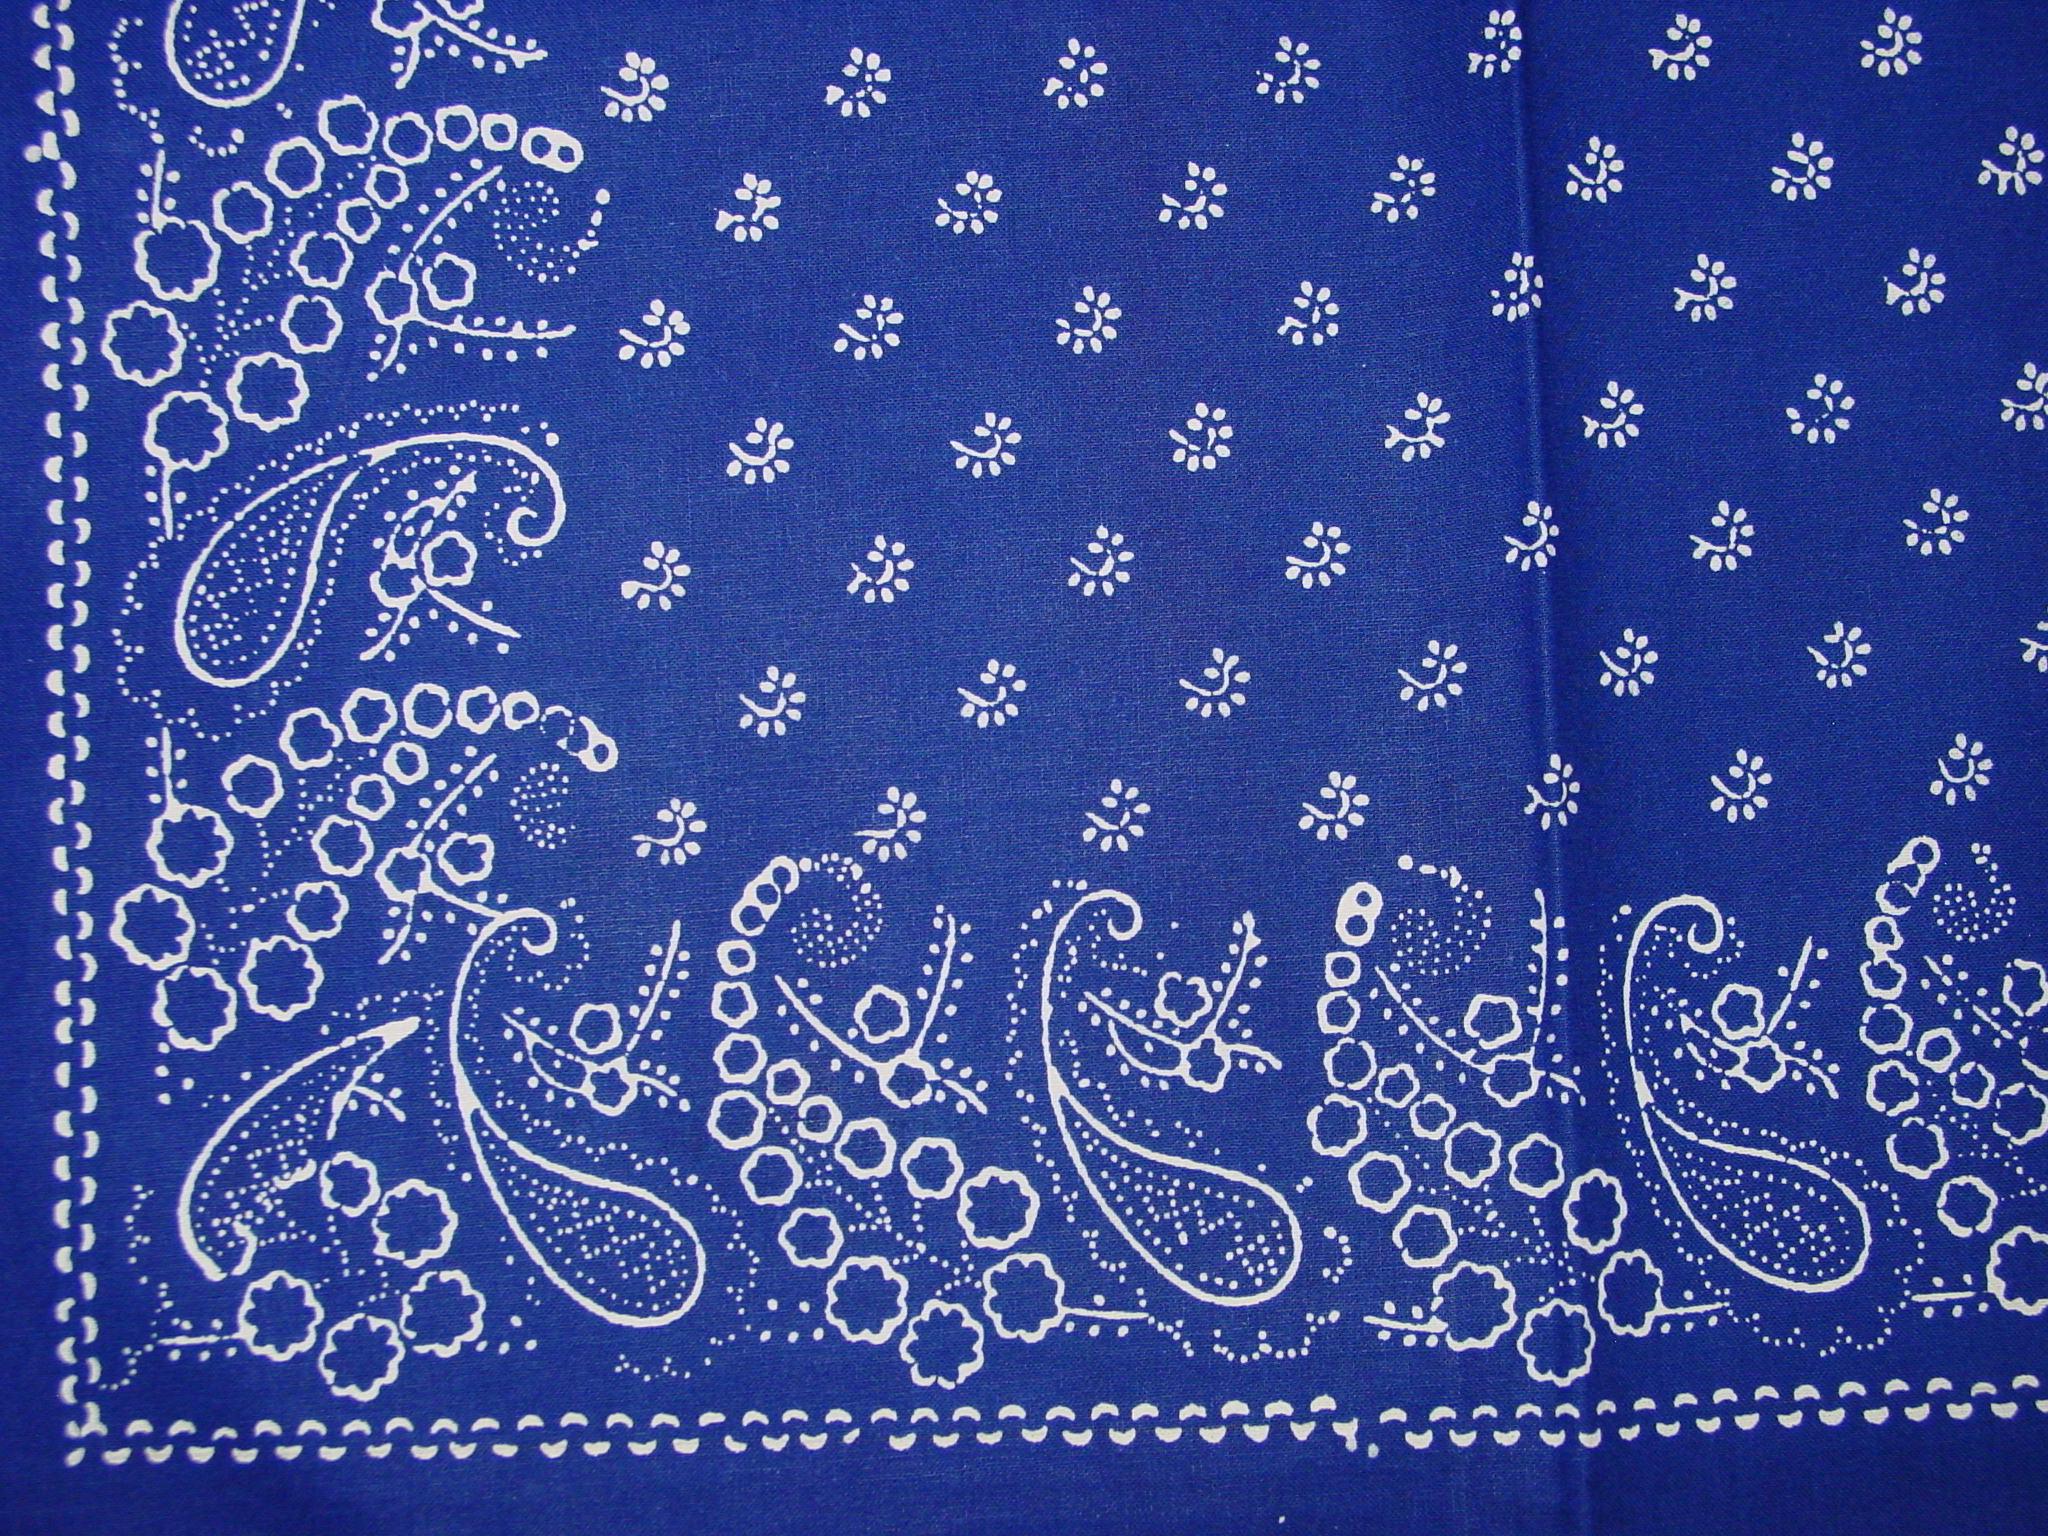 Blaudruck - Deckchen 6129-1234